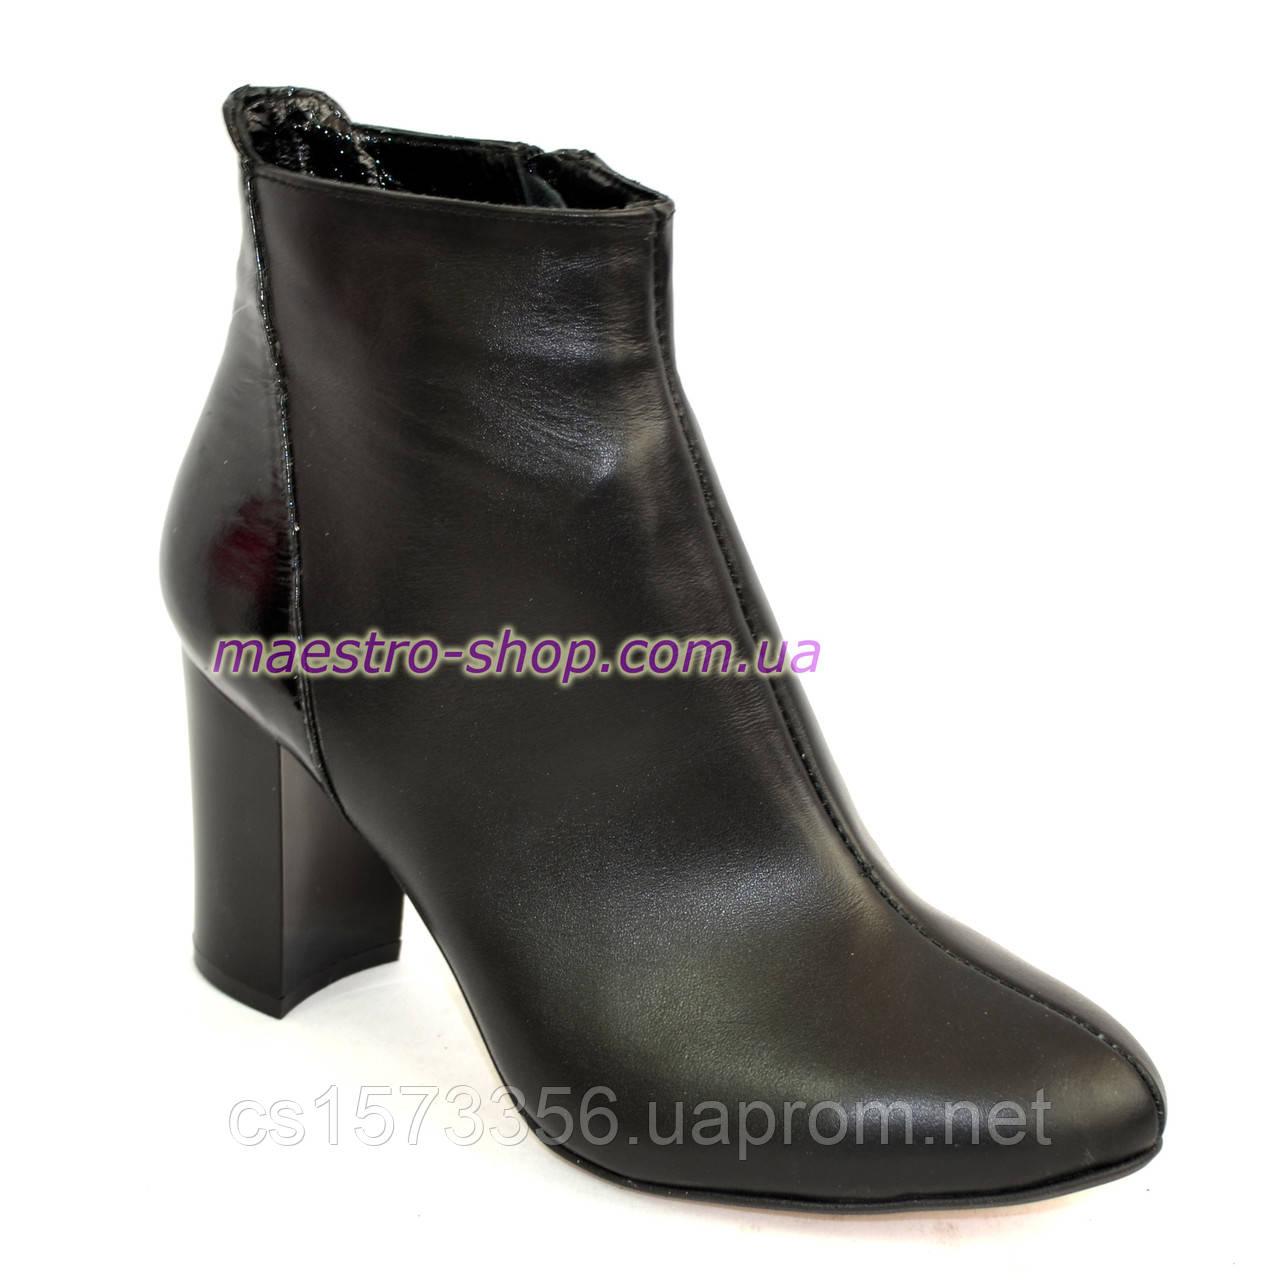 Женские демисезонные ботинки на высоком каблуке